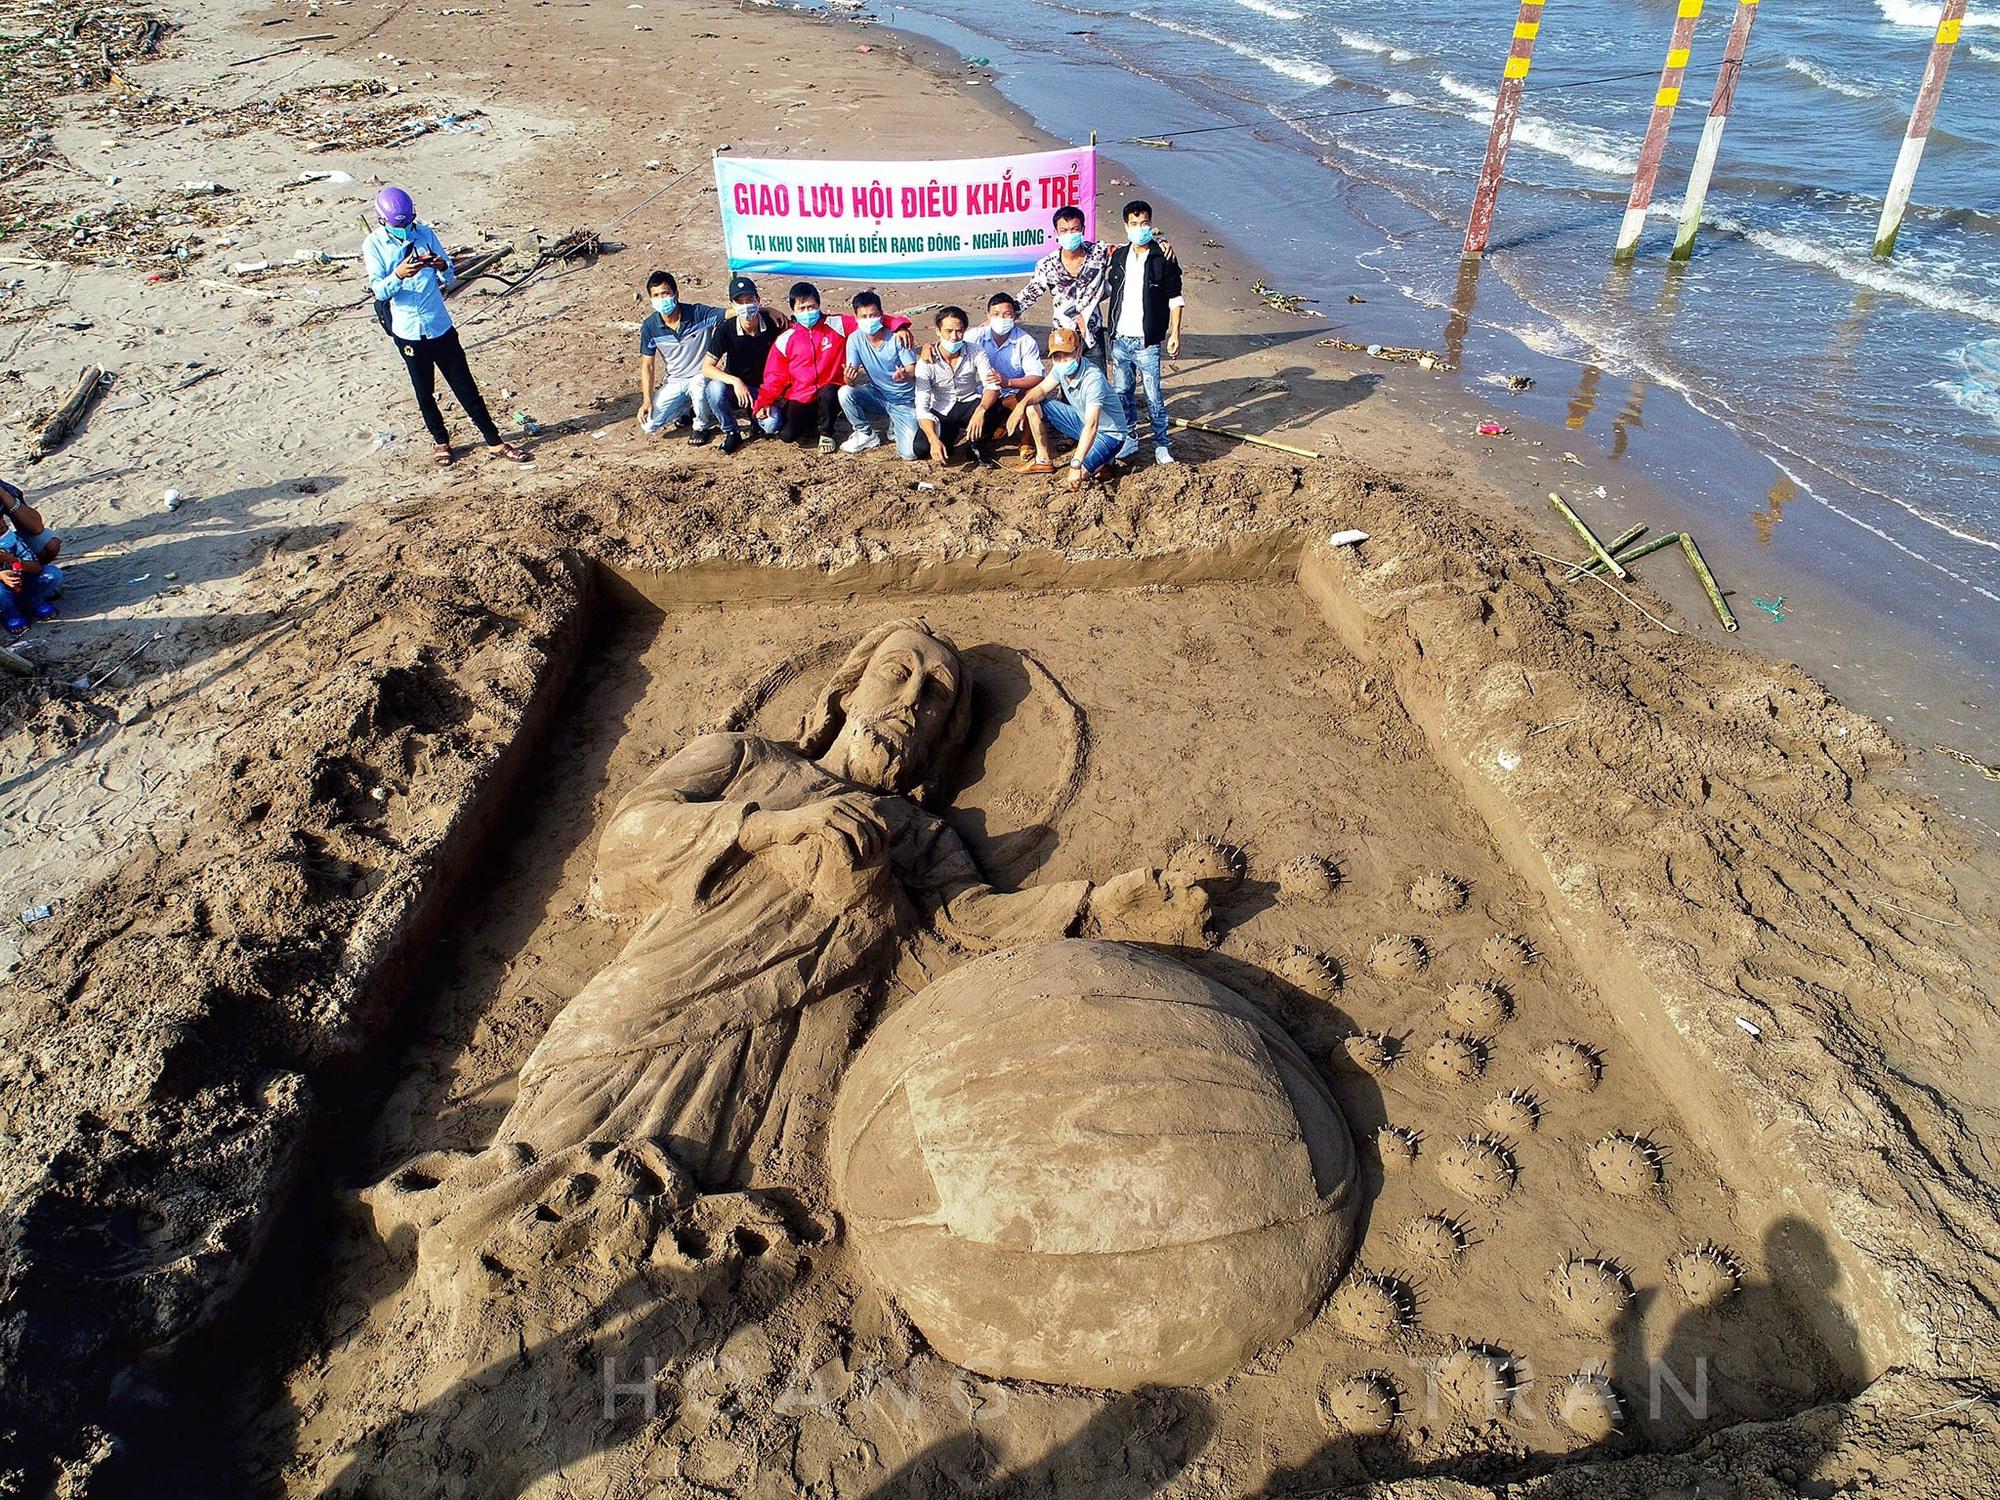 """Nam Định: Độc đáo tác phẩm """"Chúa sẽ che chở cho thế giới thoát khỏi đại dịch Covid-19"""" trên bãi biển - Ảnh 11."""